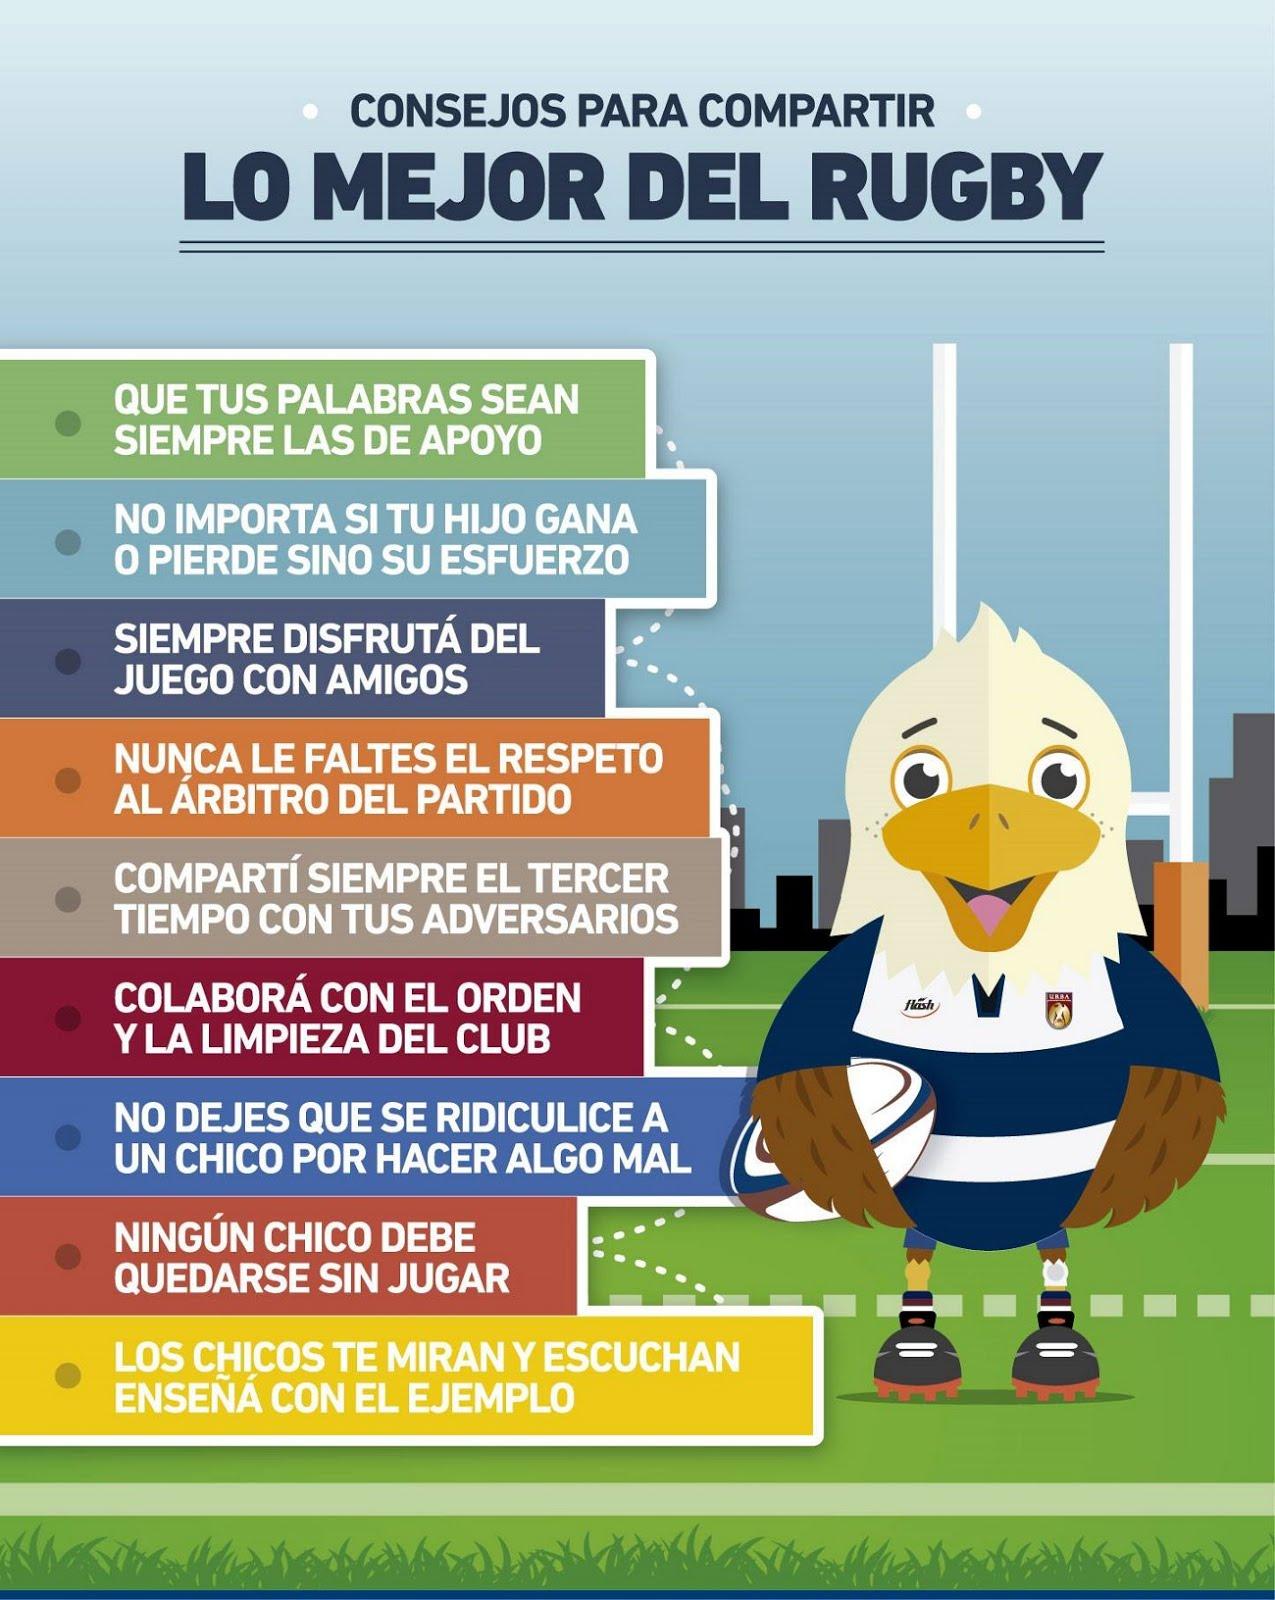 Lo mejor del Rugby